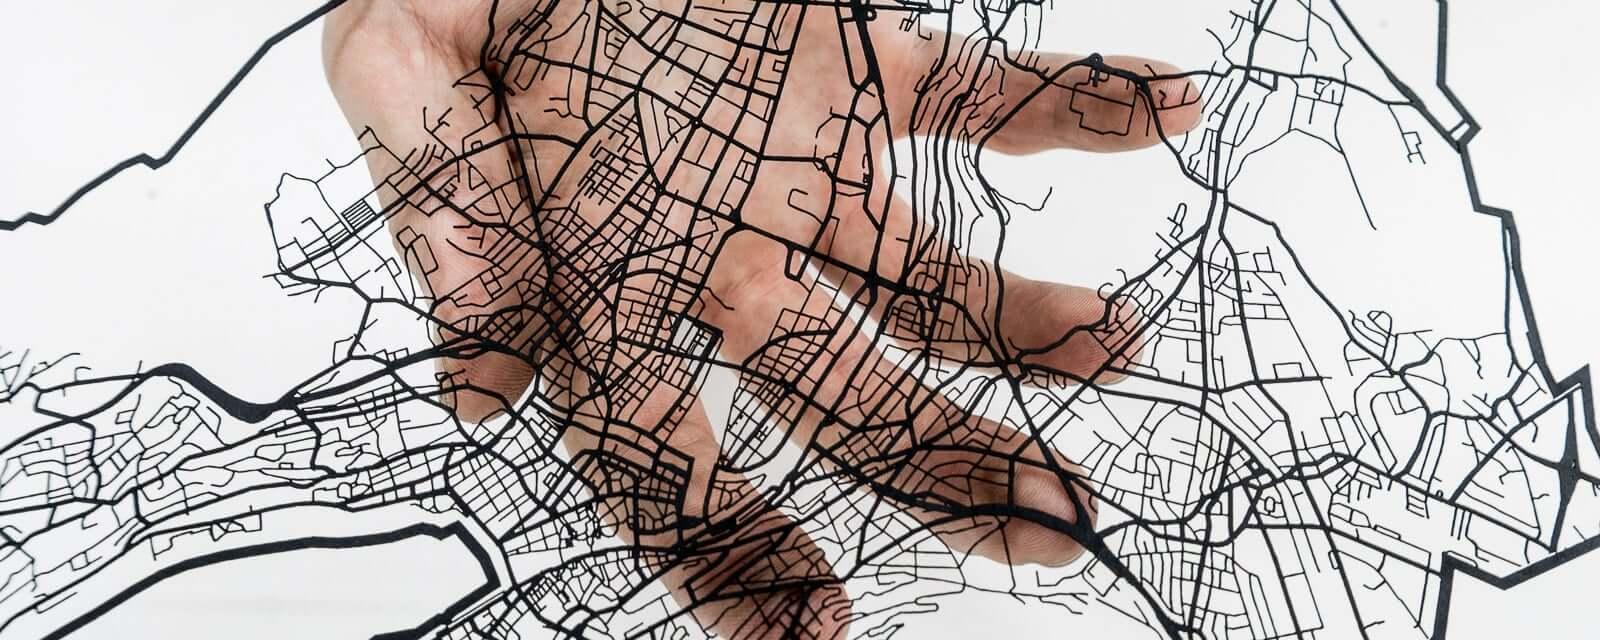 Das Strassennetz von Zürich, laser geschnitten aus schwarzem Papier